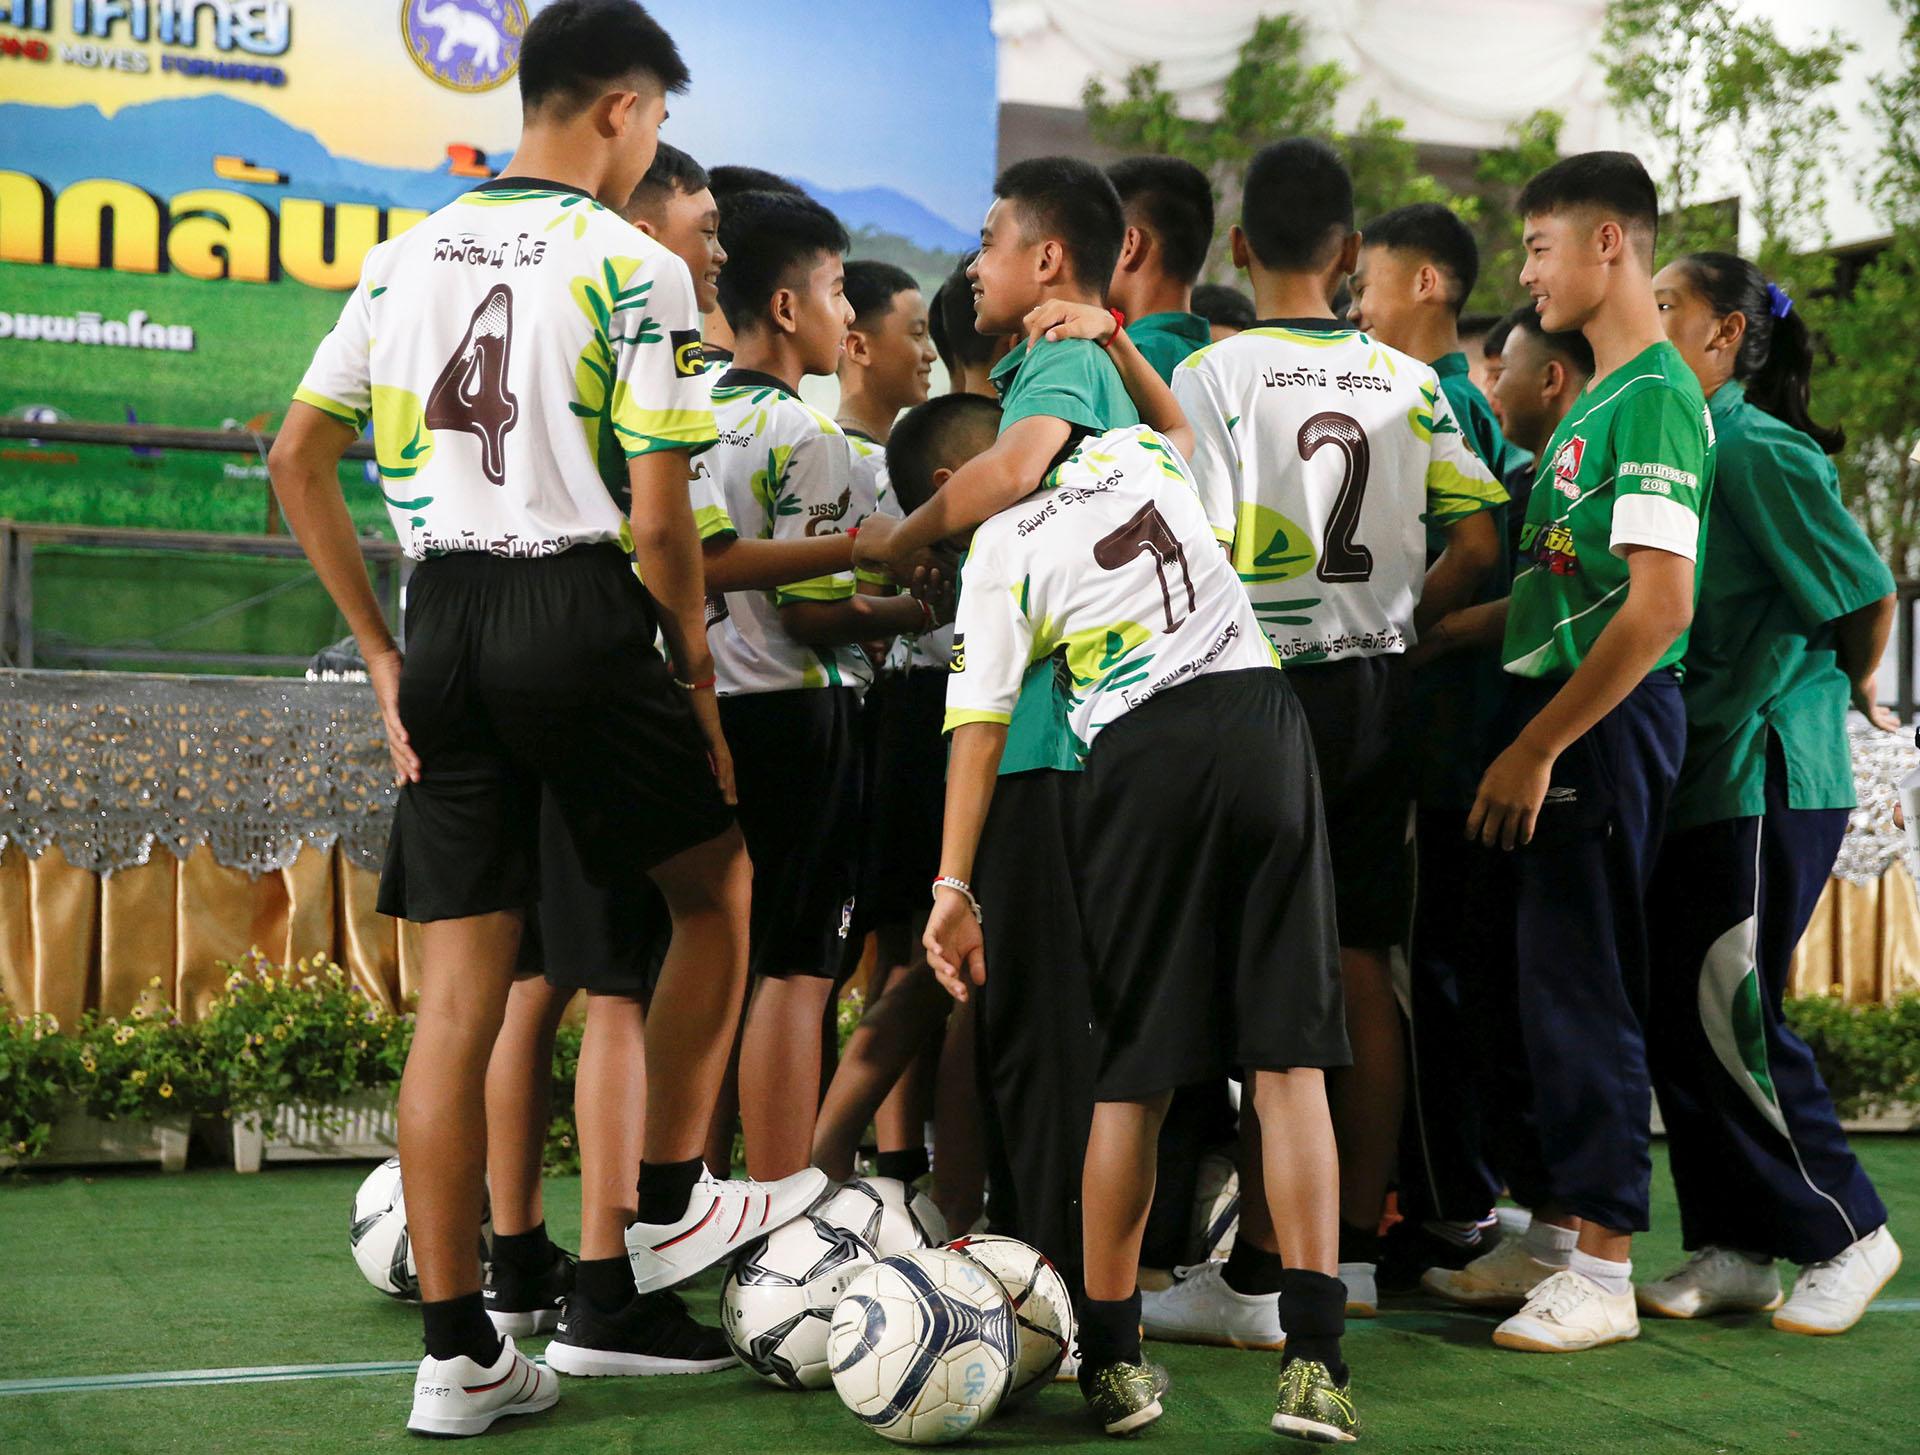 Los expertos advierten, sin embargo, que los jugadores del equipo de los Jabalíes Salvajes y su entrenador podrían sufrir trastornos de larga duración a raíz de su experiencia en la cueva de Tham Luang, en el norte de Tailandia